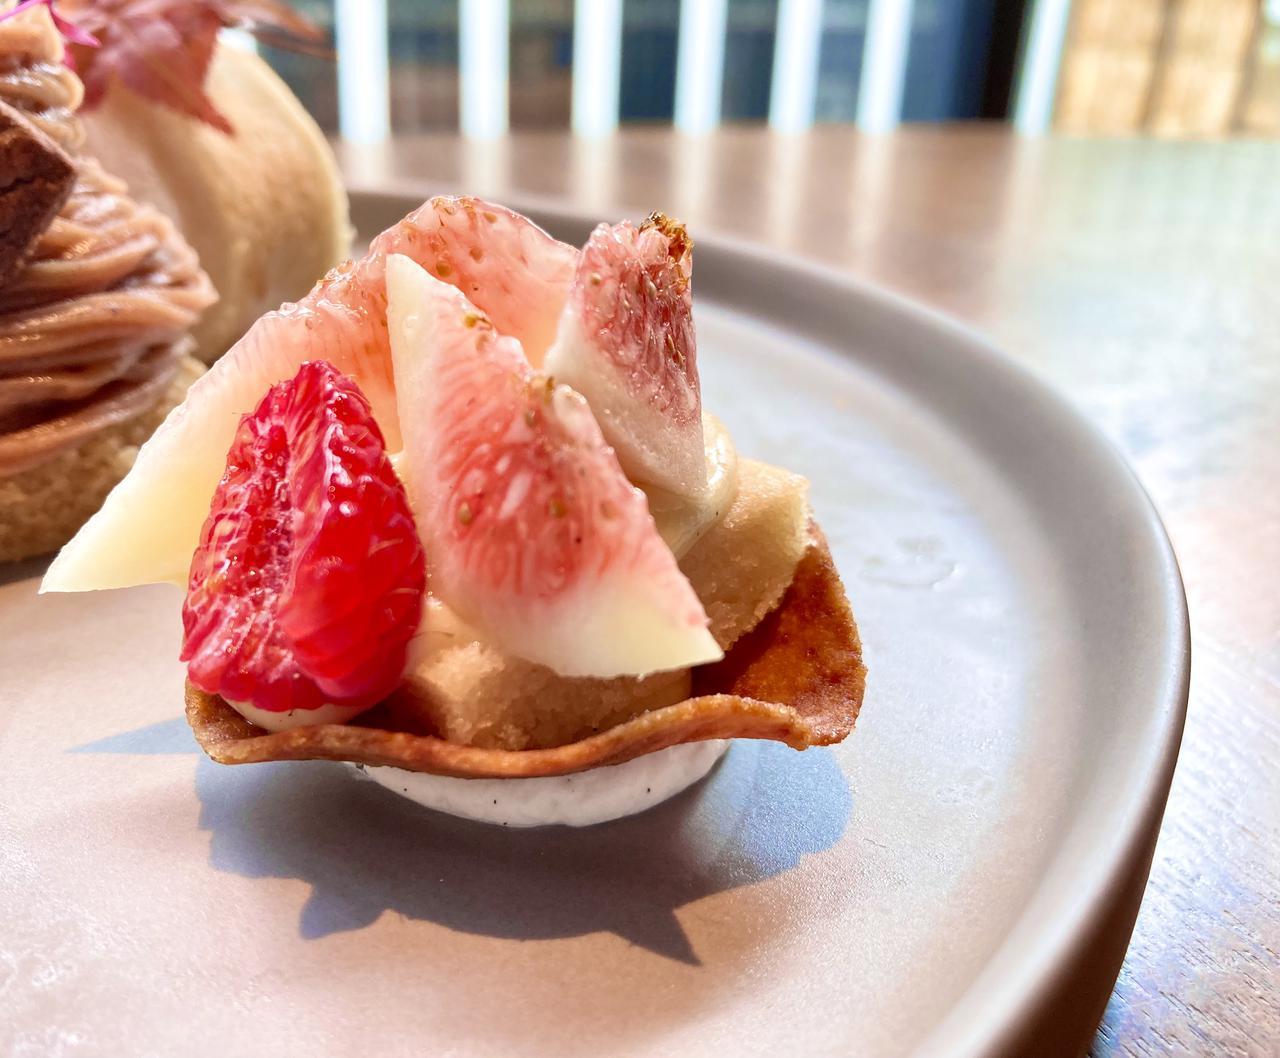 画像1: 【試食レポ】美食の秋を、ヴィーガンで♡ ホテルの華やかなケーキセットが見逃せない!